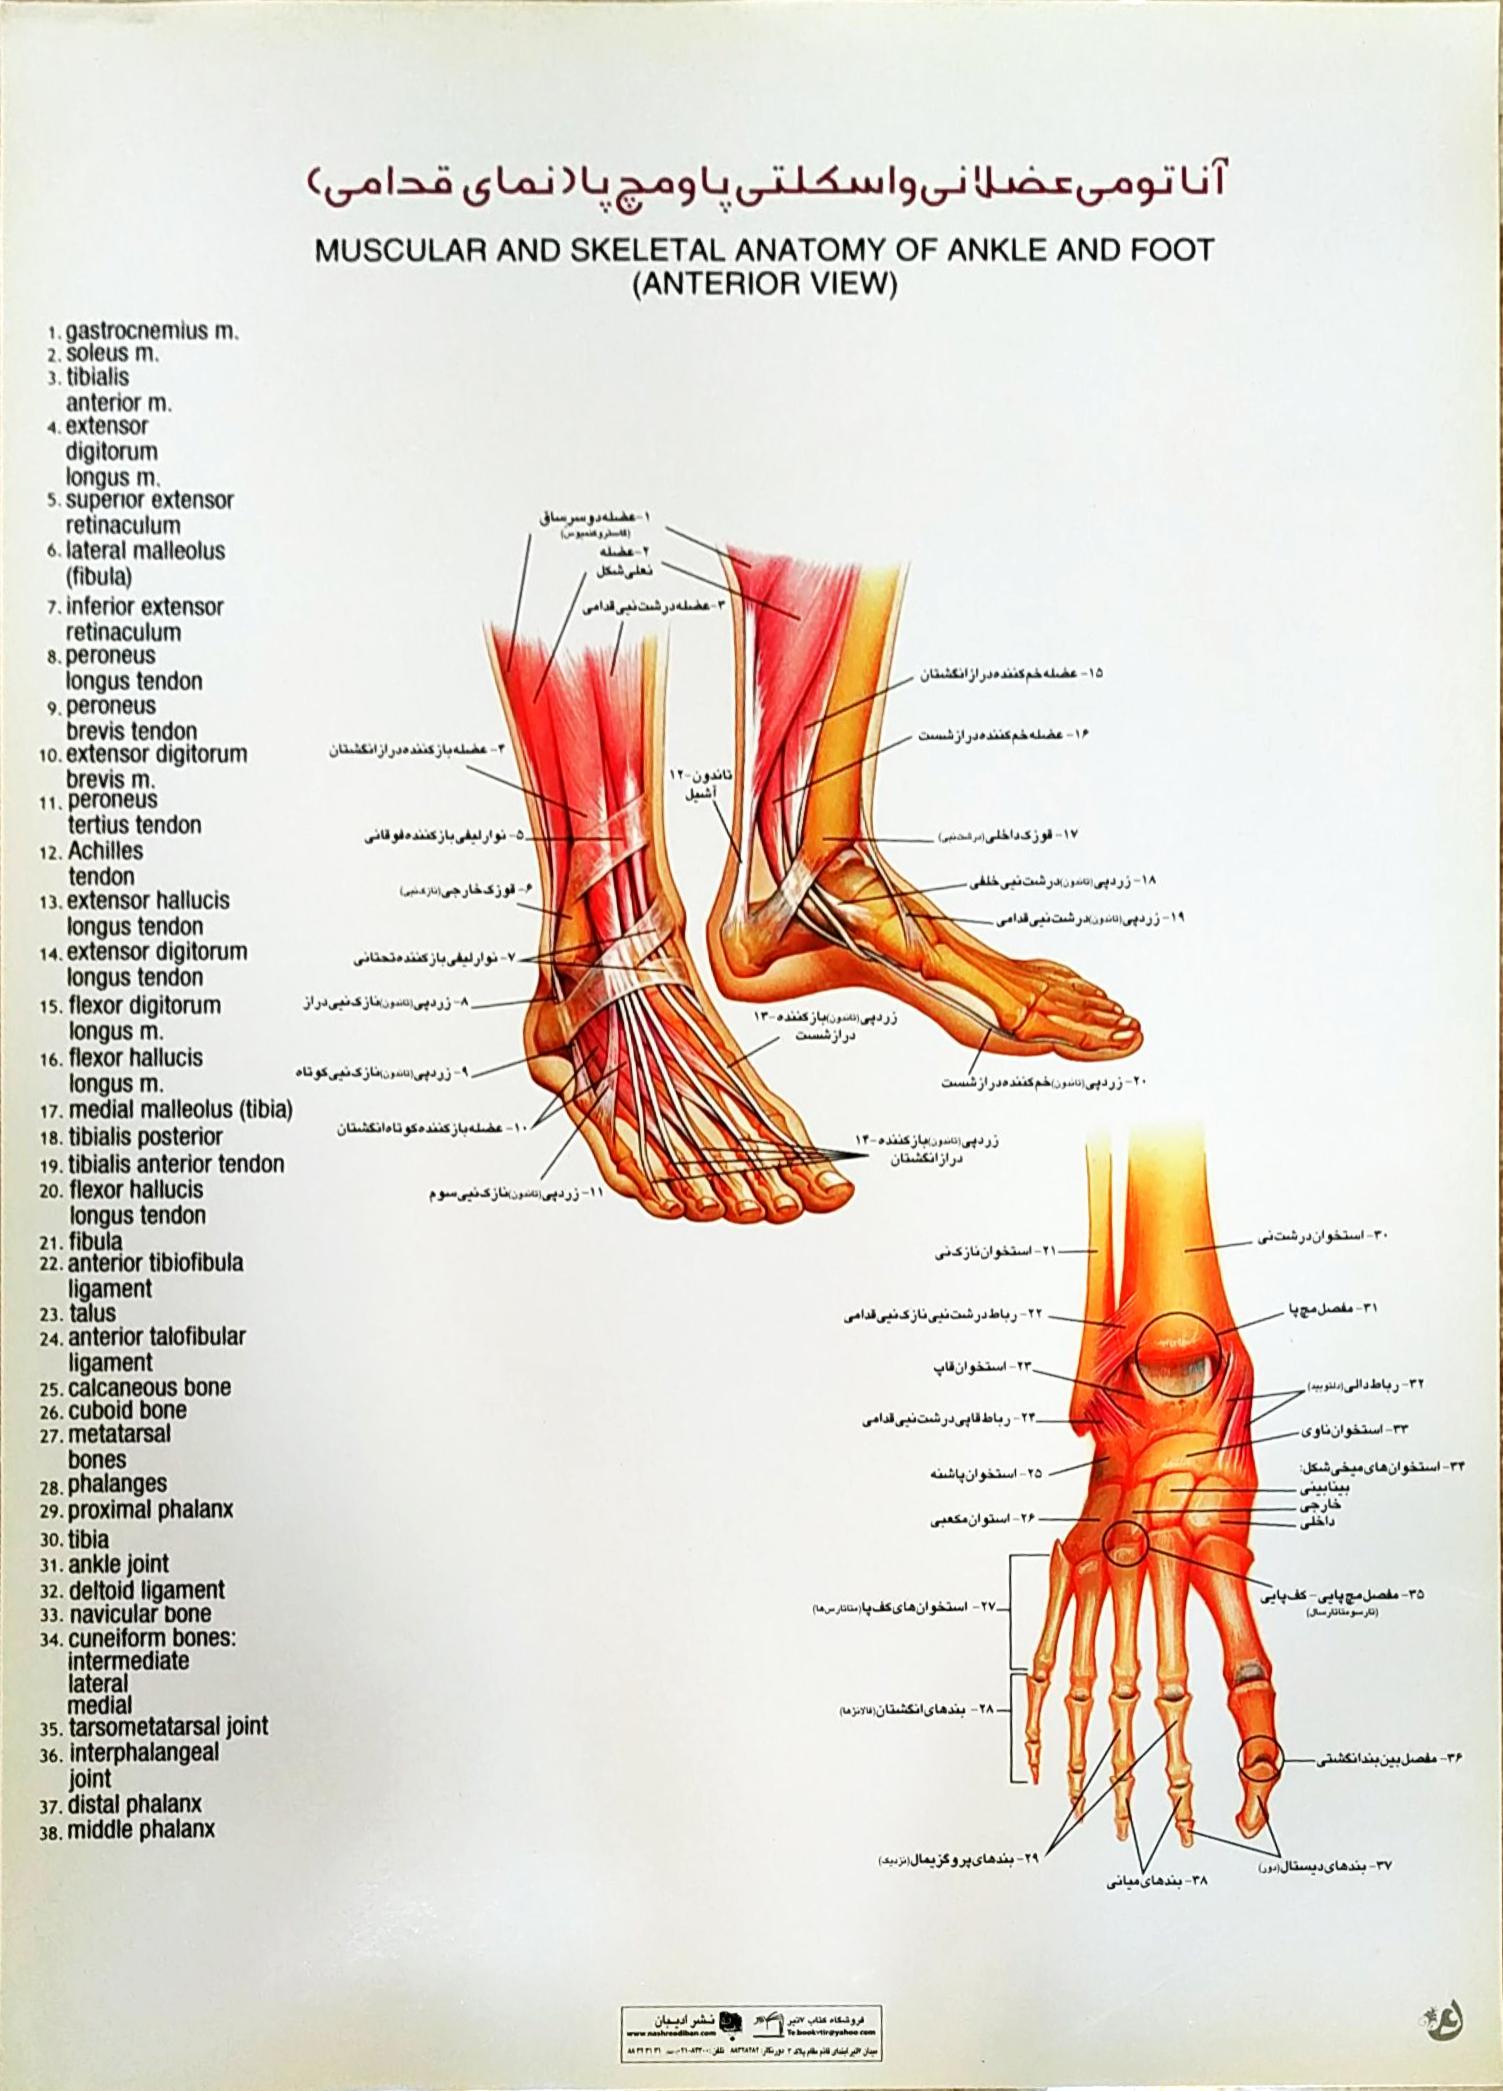 پوستر آناتومی عضلانی و اسکلتی پا و مچ پا